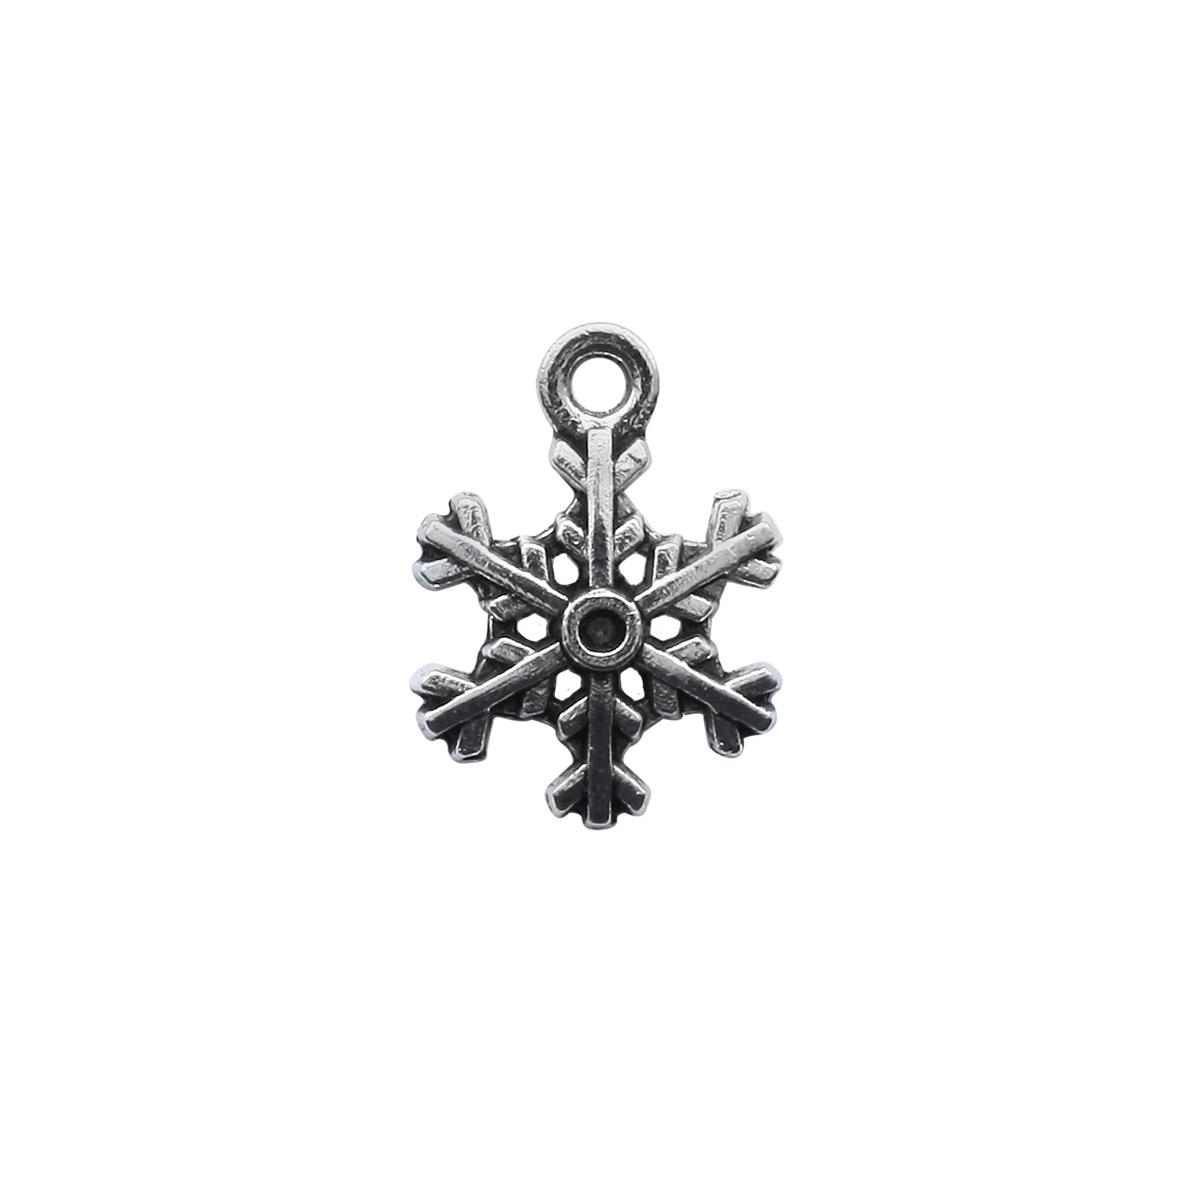 4AR030 Подвеска металлическая снежинка,2шт/упак, Астра